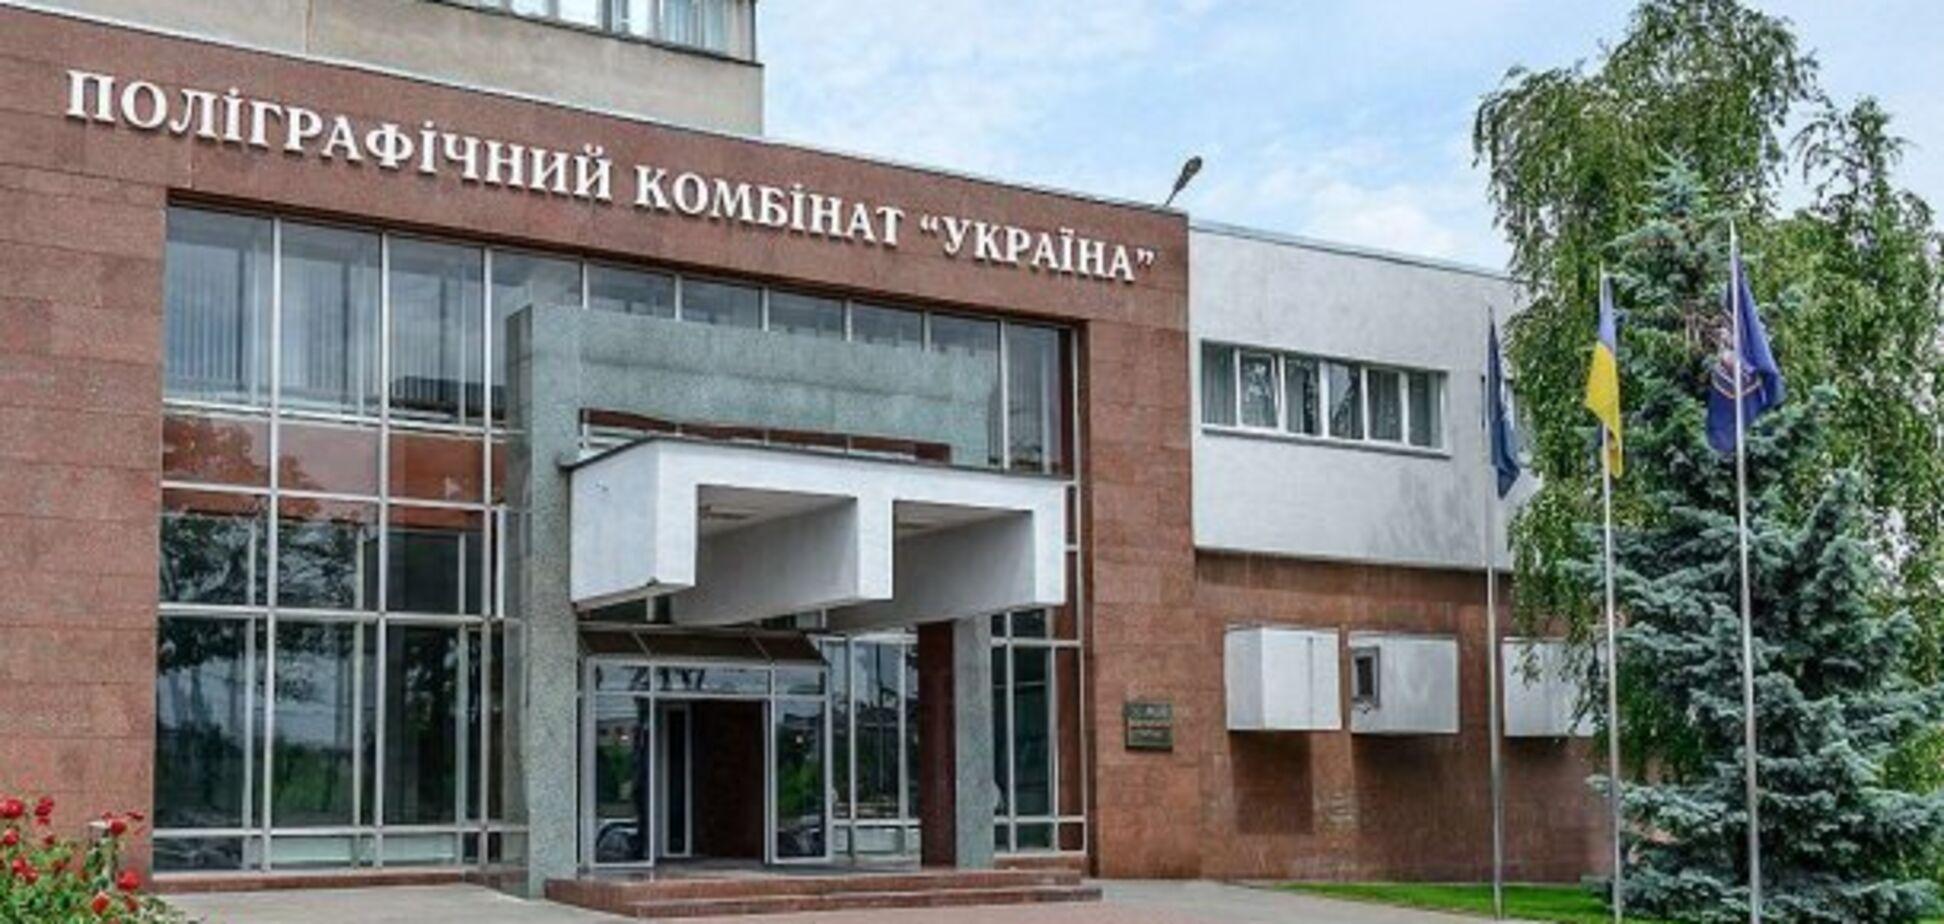 Коллектив полиграфкомбината ''Украина'' обратился к Зеленскому